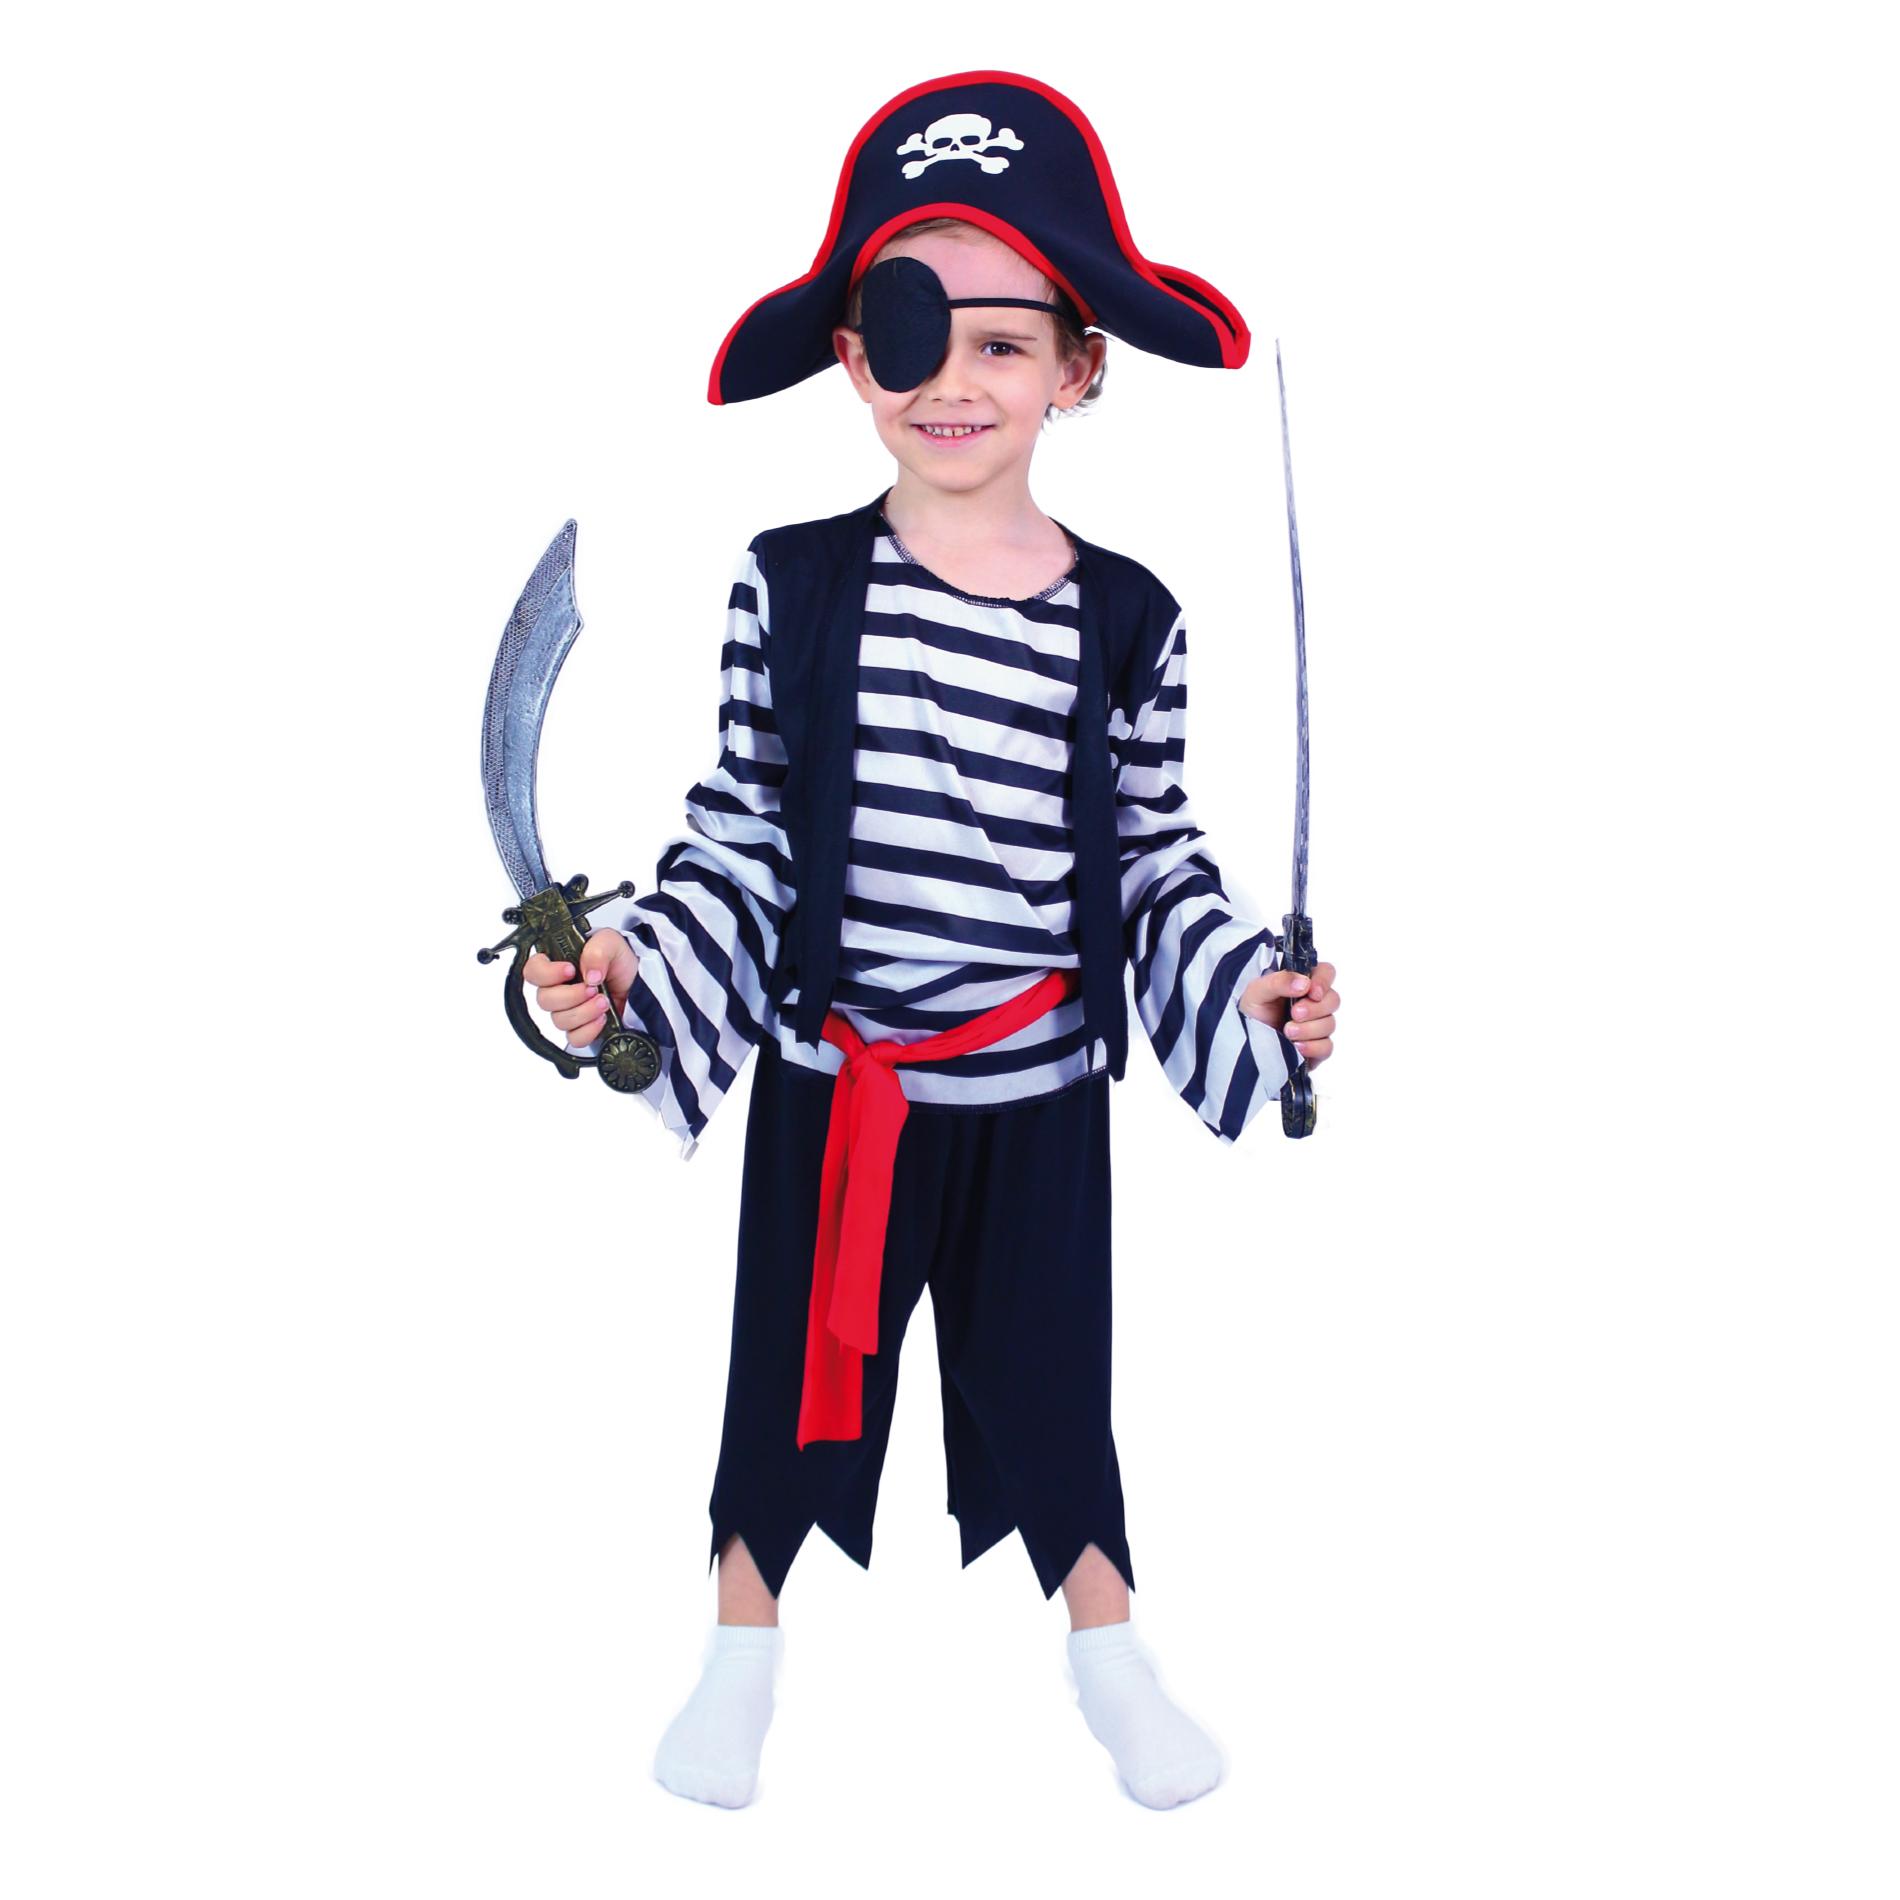 Dětský kostým pirát (S) e-obal